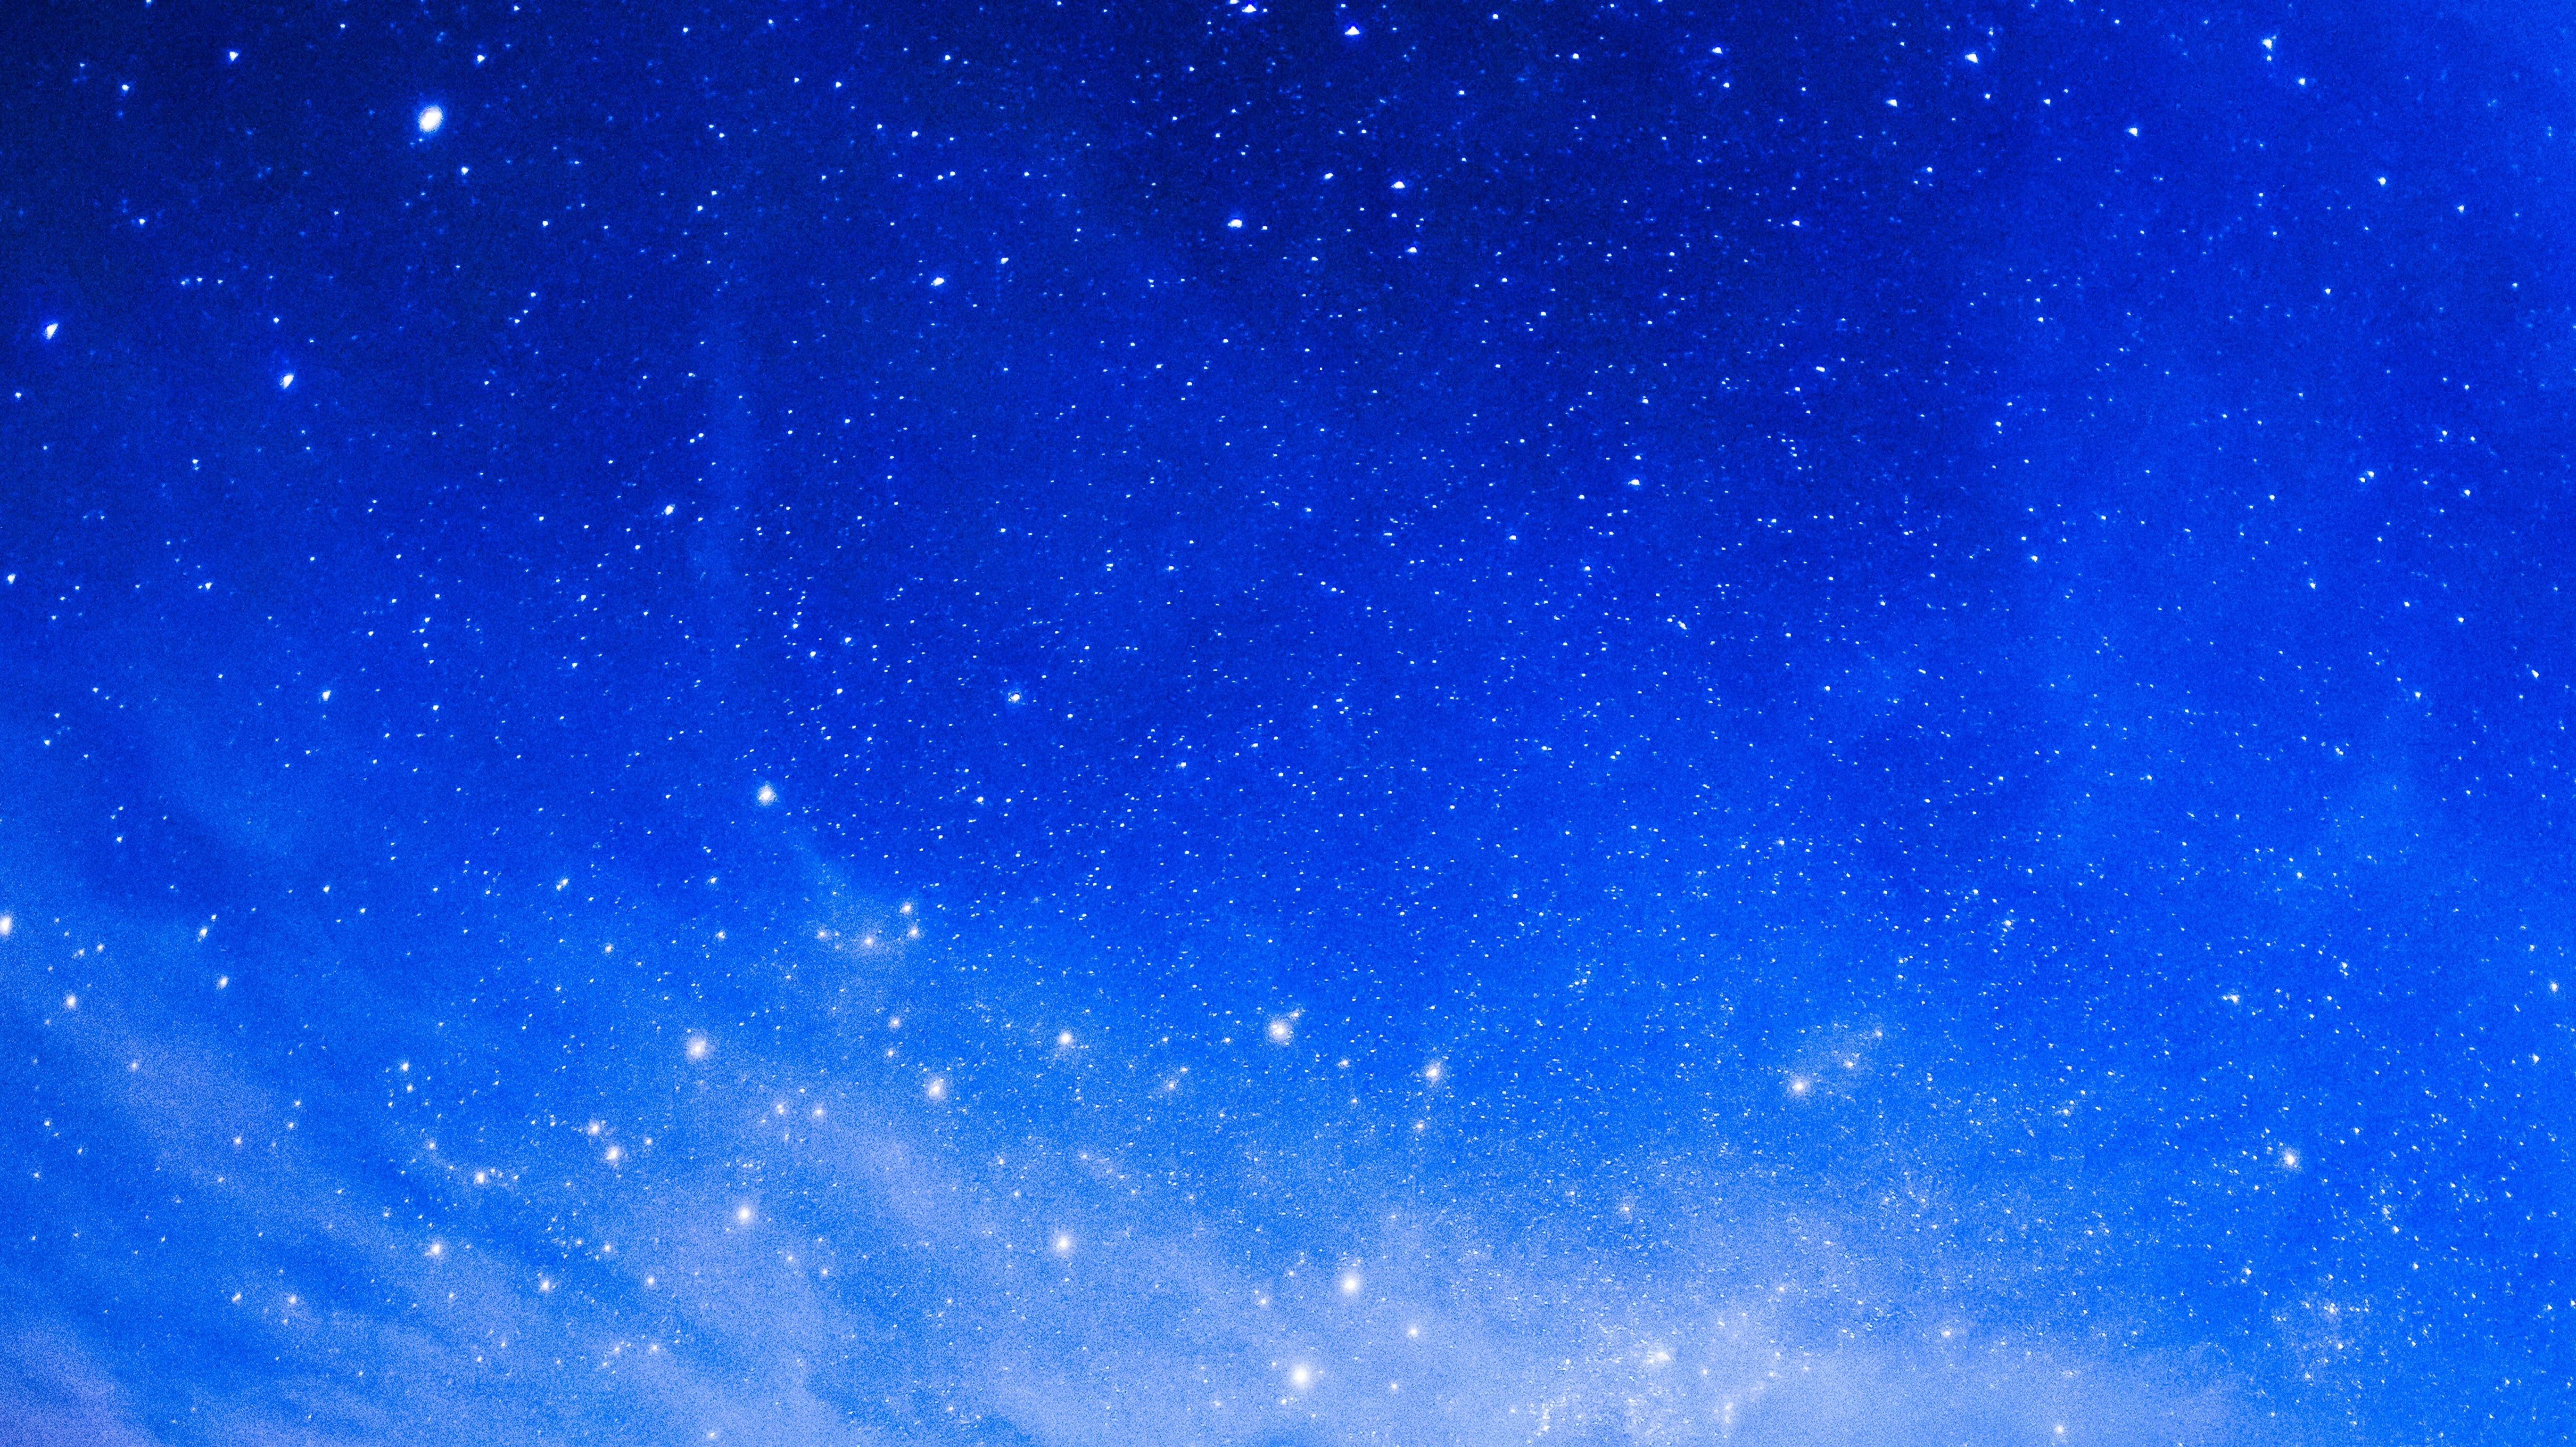 スクリーンセーバー 壁紙 夜の無料の写真素材